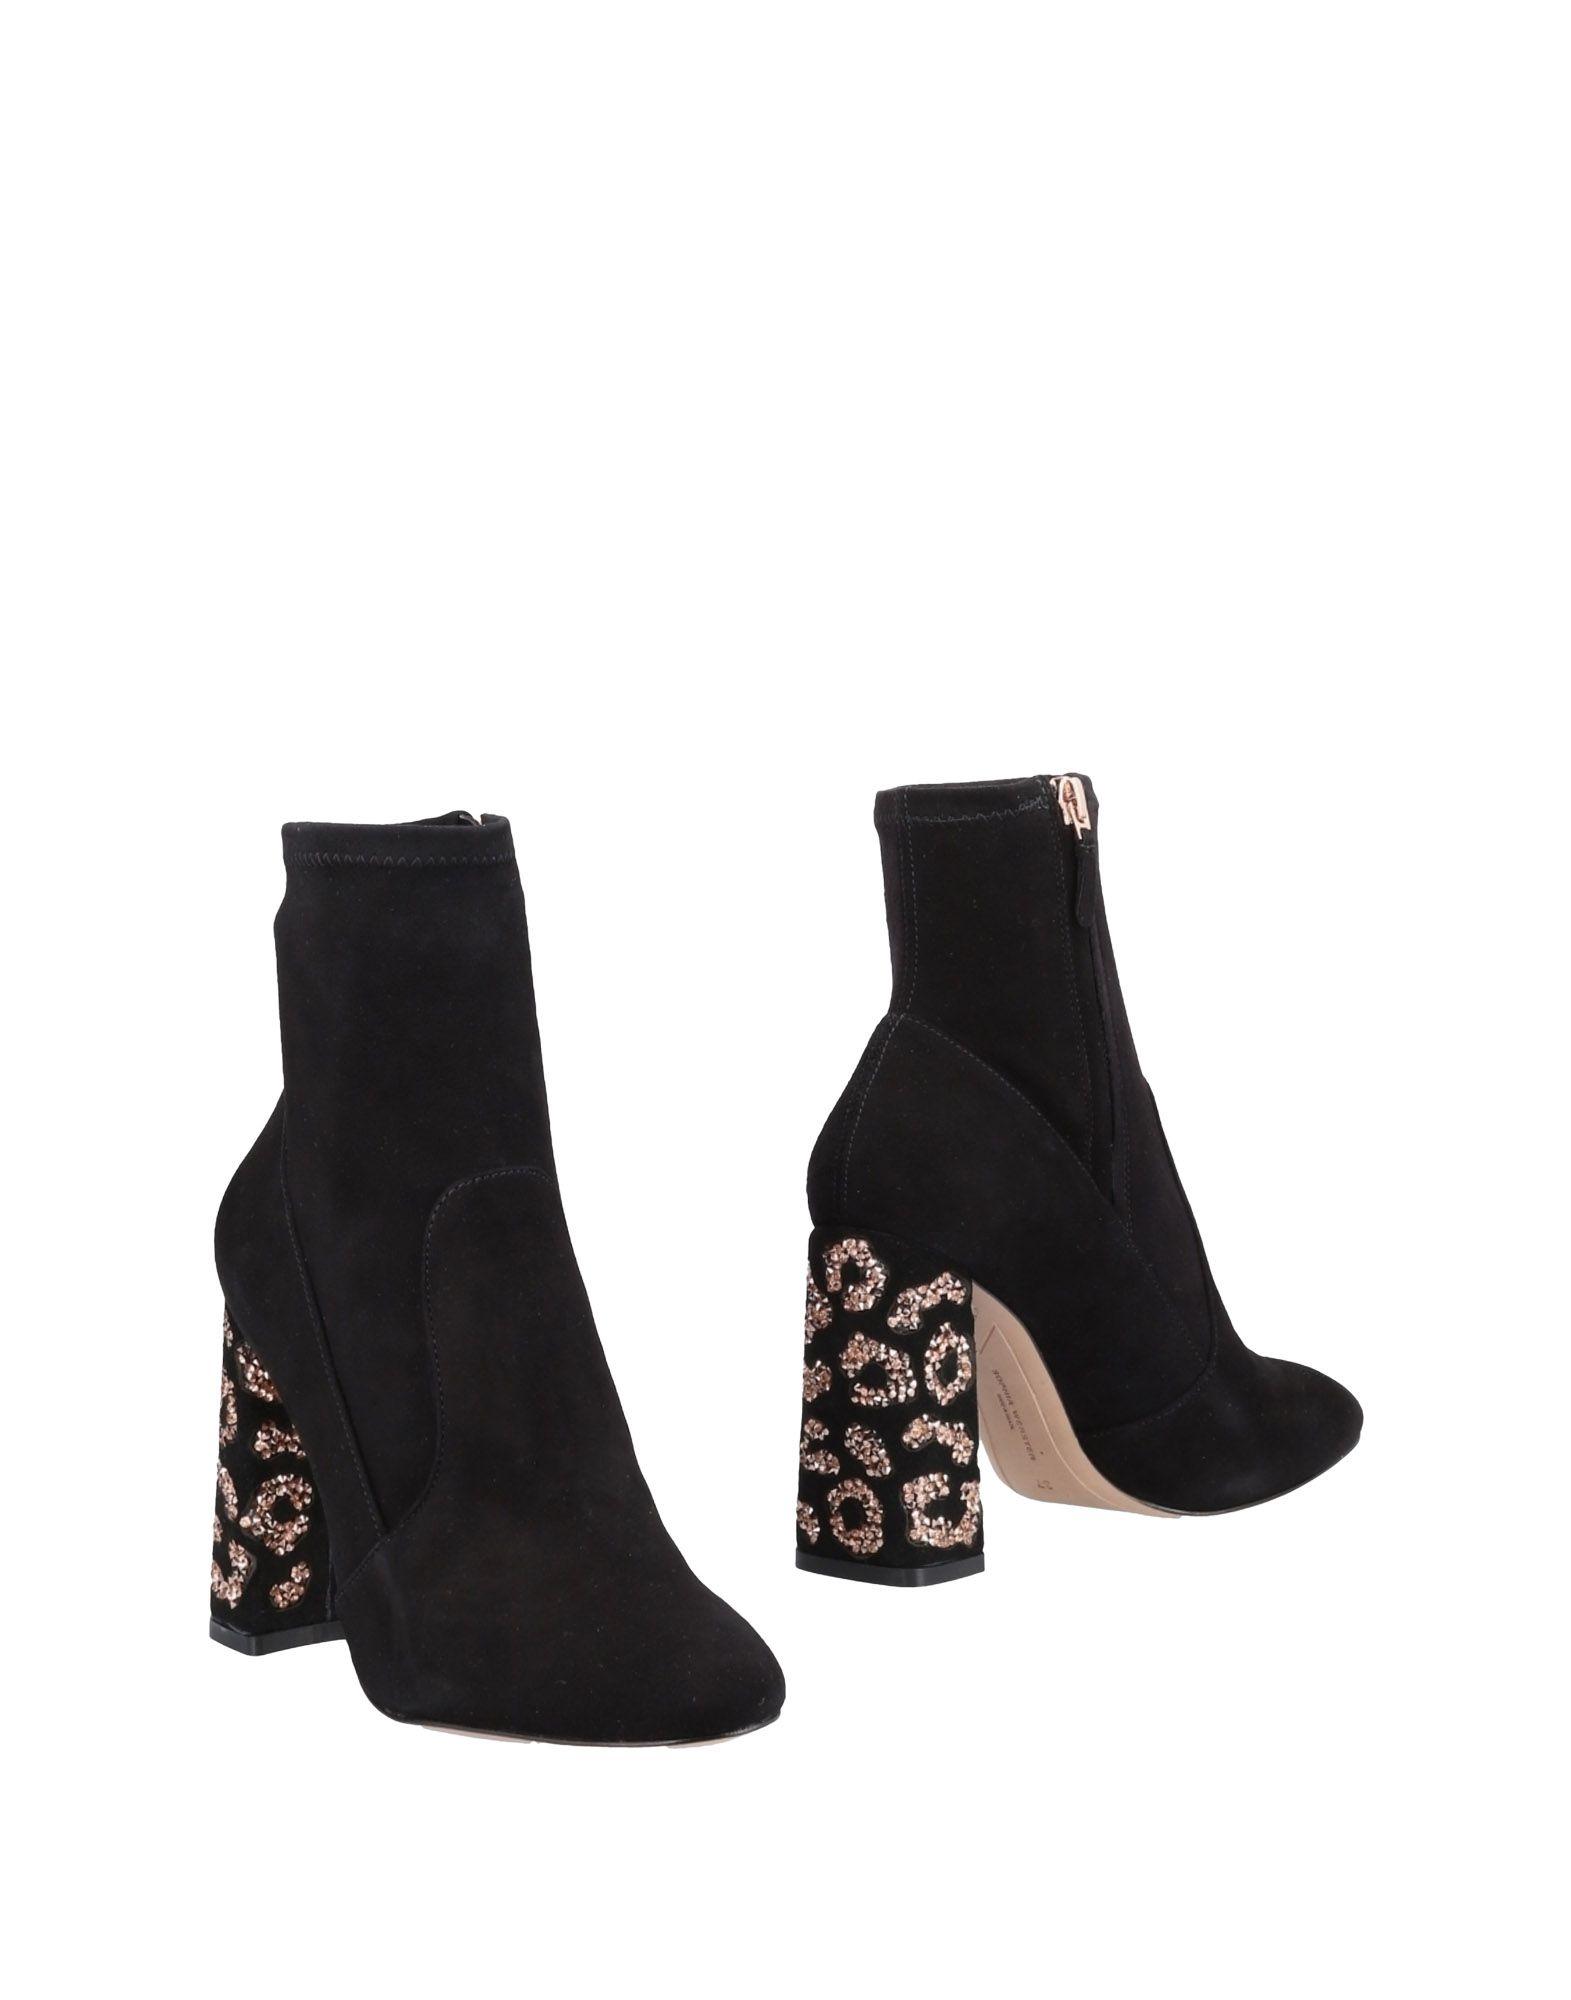 Sophia Webster Stiefelette Damen aussehende  11486560LTGünstige gut aussehende Damen Schuhe 144195